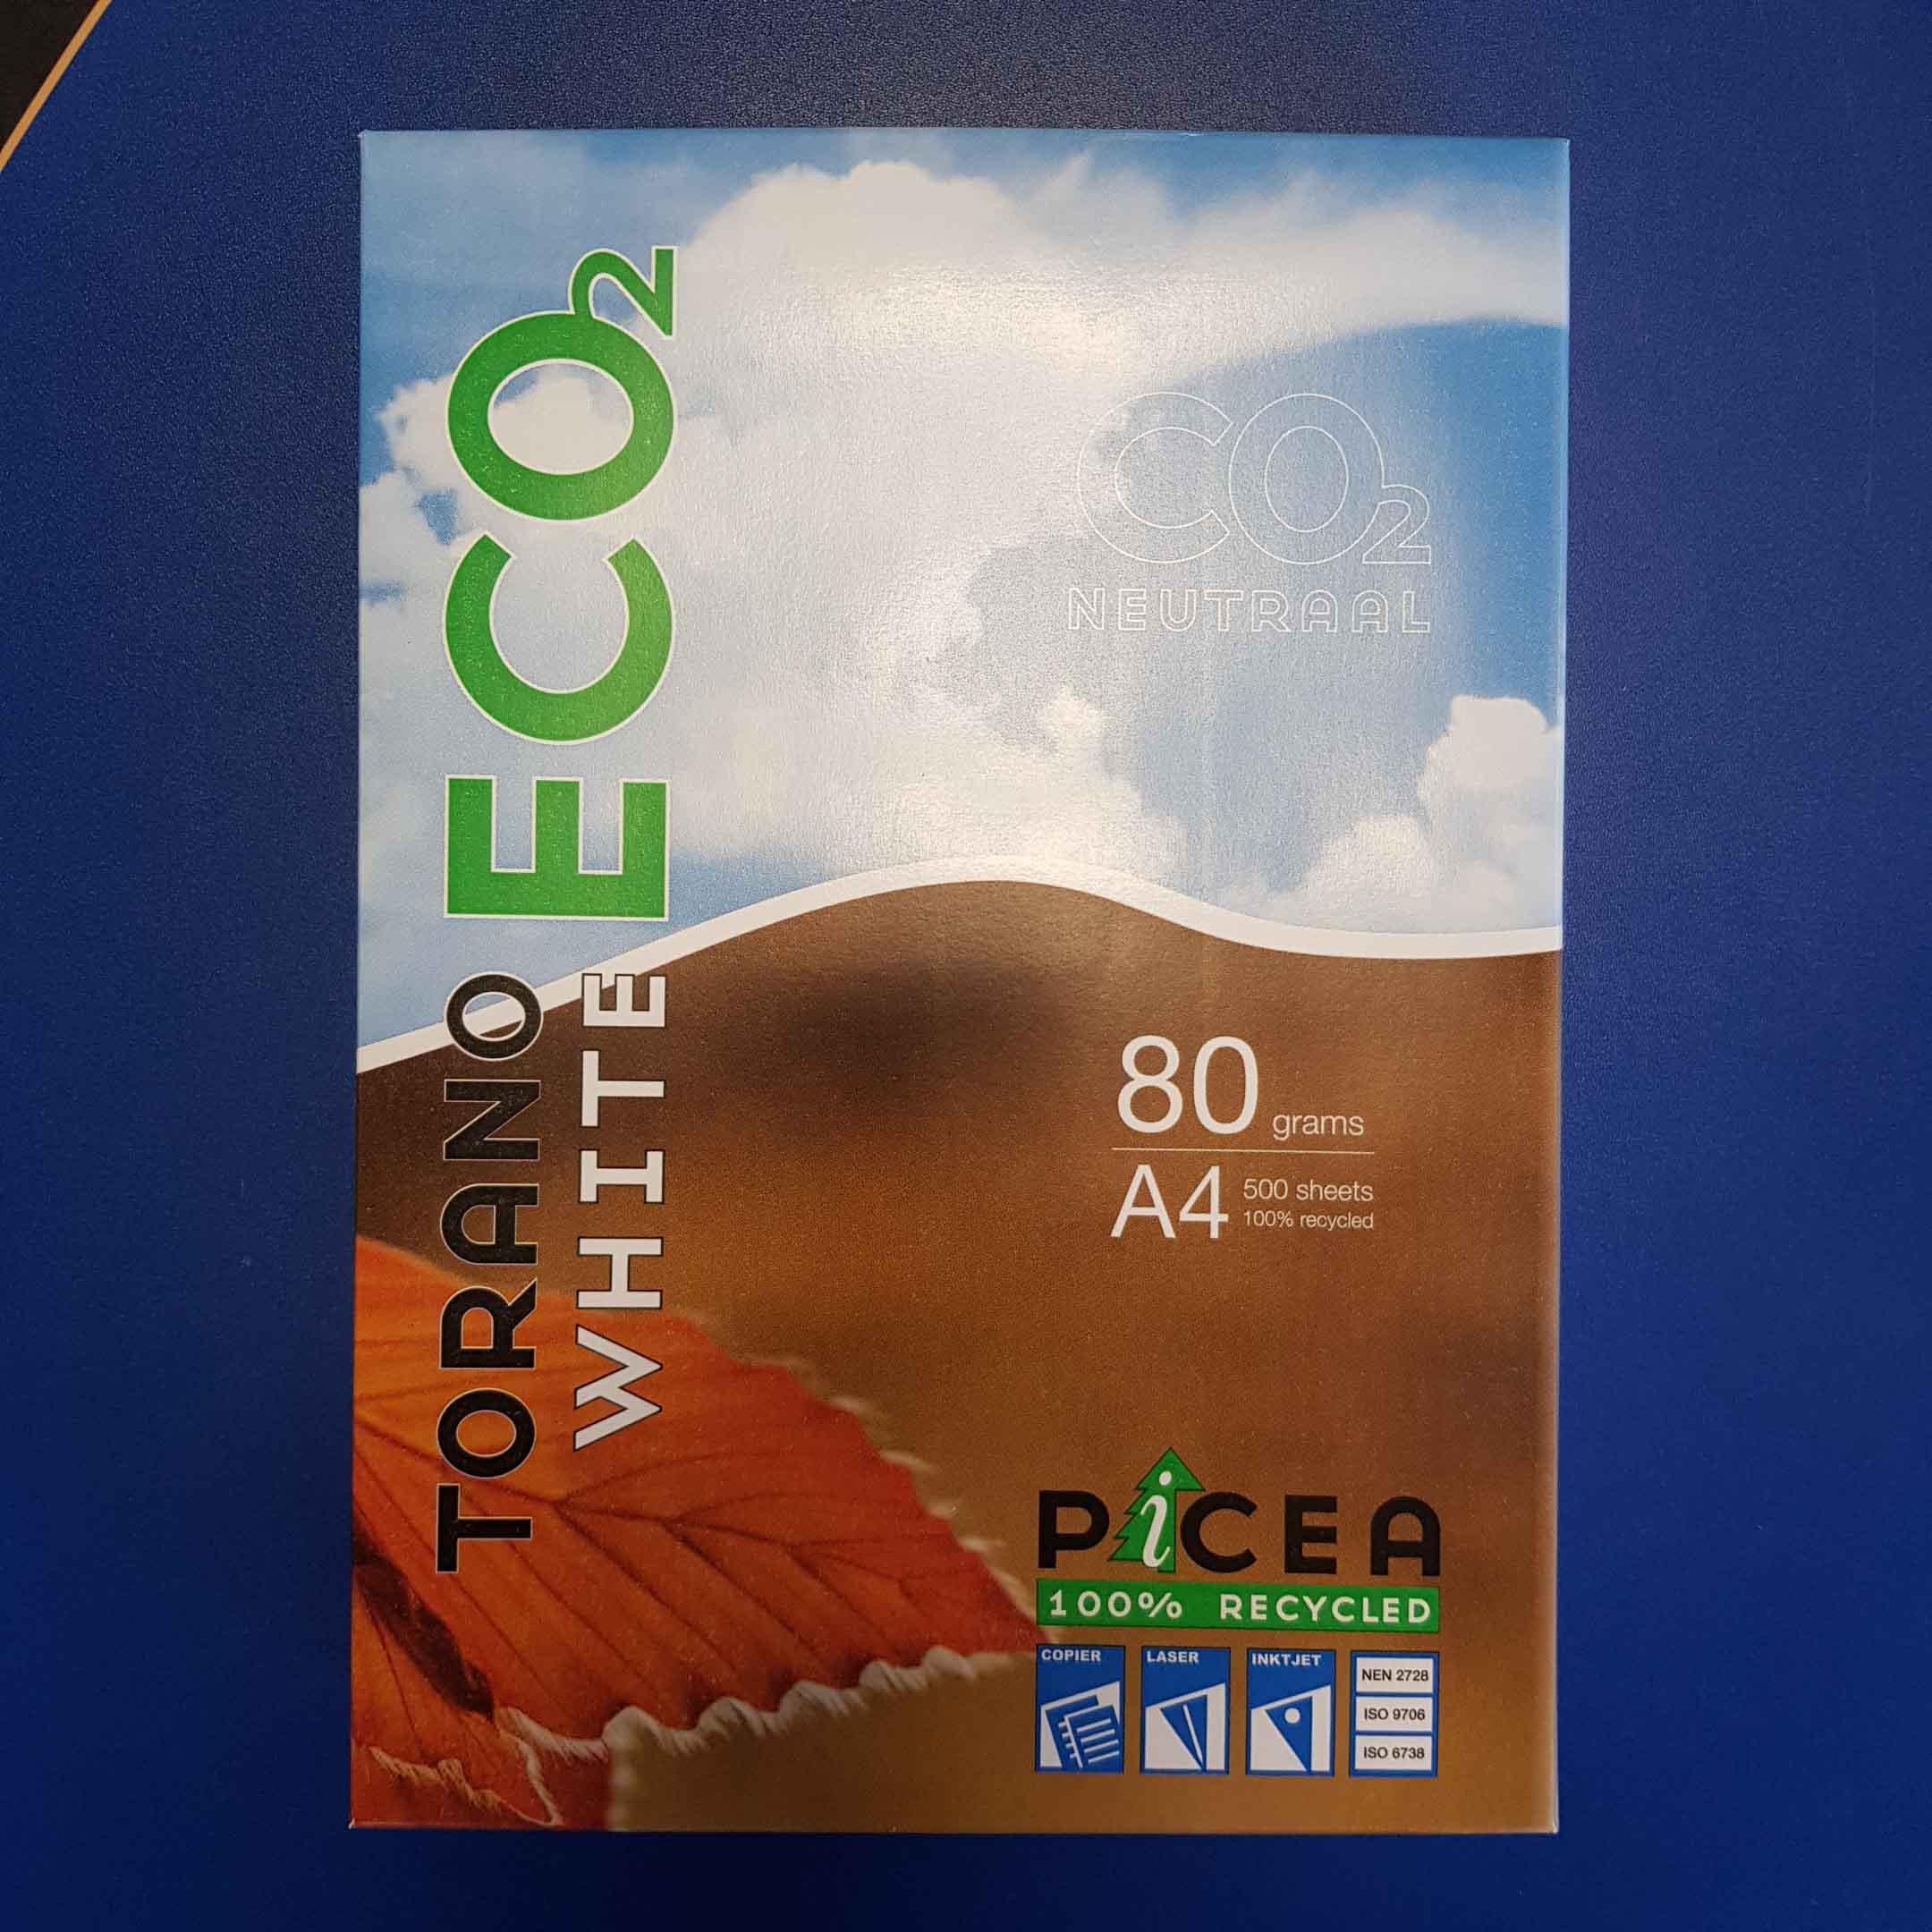 Picea papier voor printer en kopieermachine: CO2 vrij!